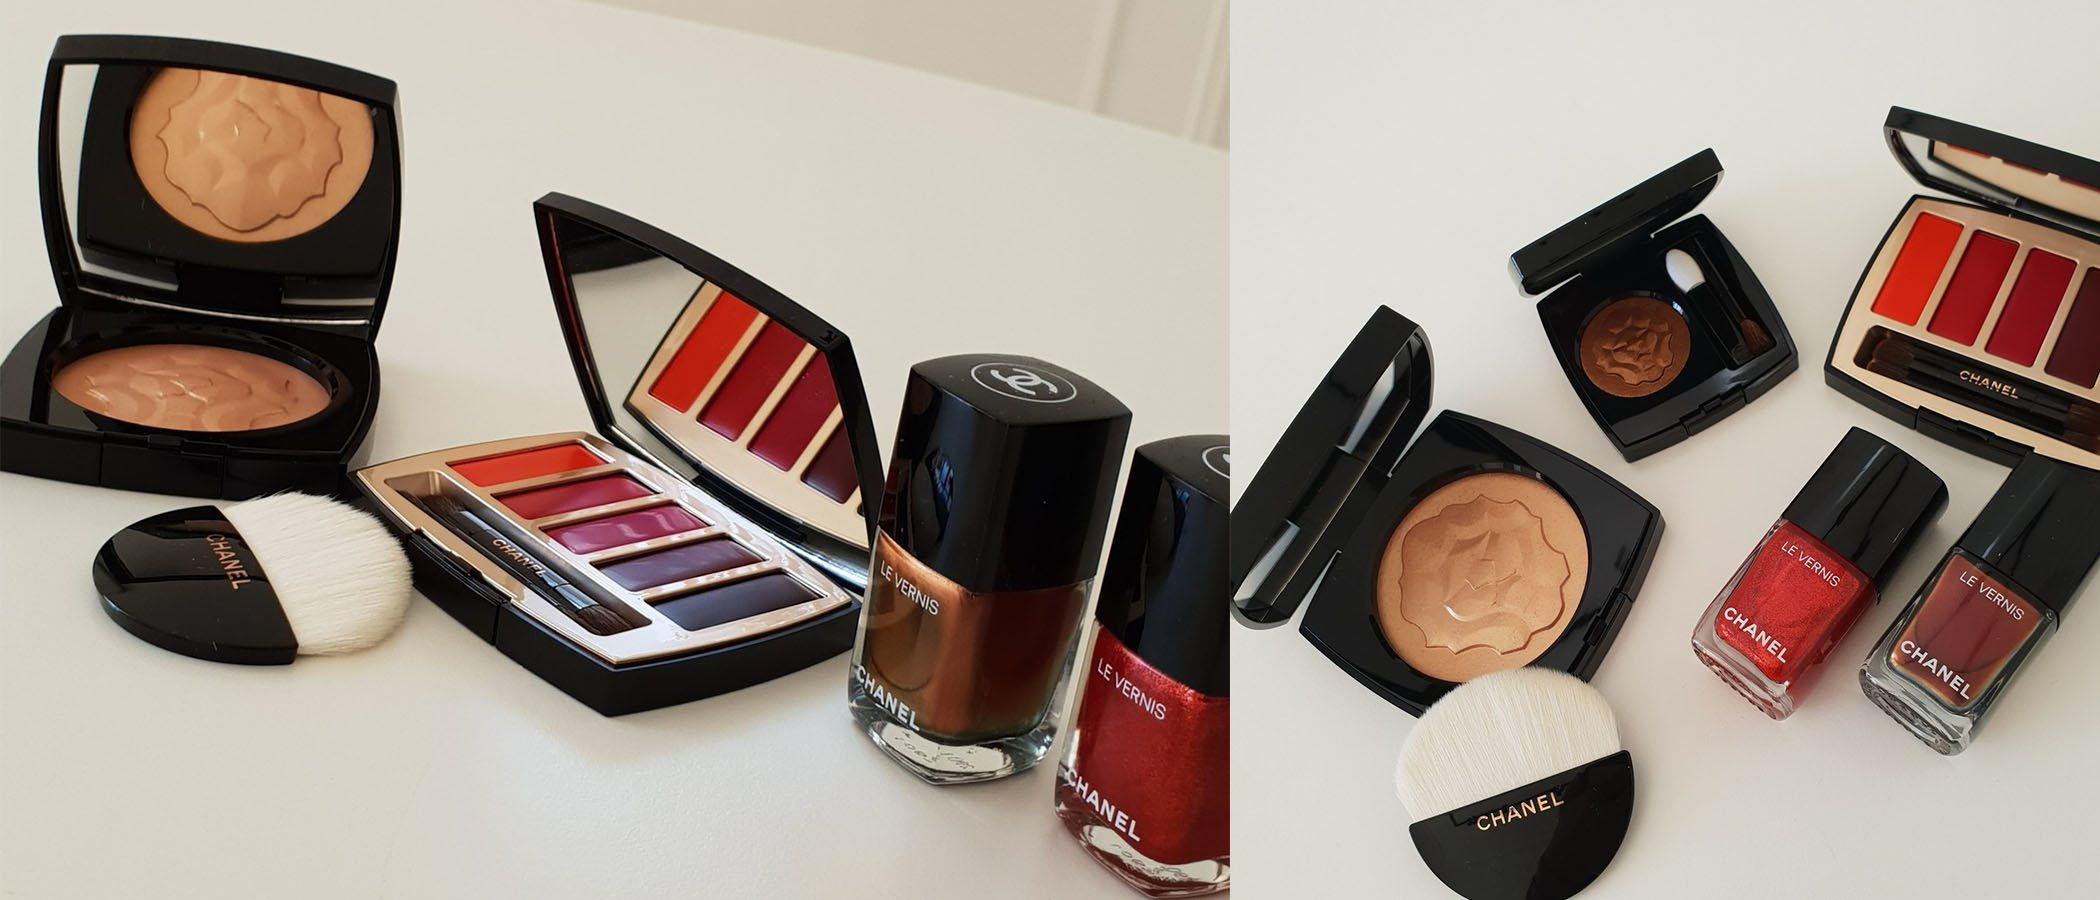 Los acabados jugosos y metalizados protagonizan 'Collection Libre', la nueva colección de maquillaje de Chanel